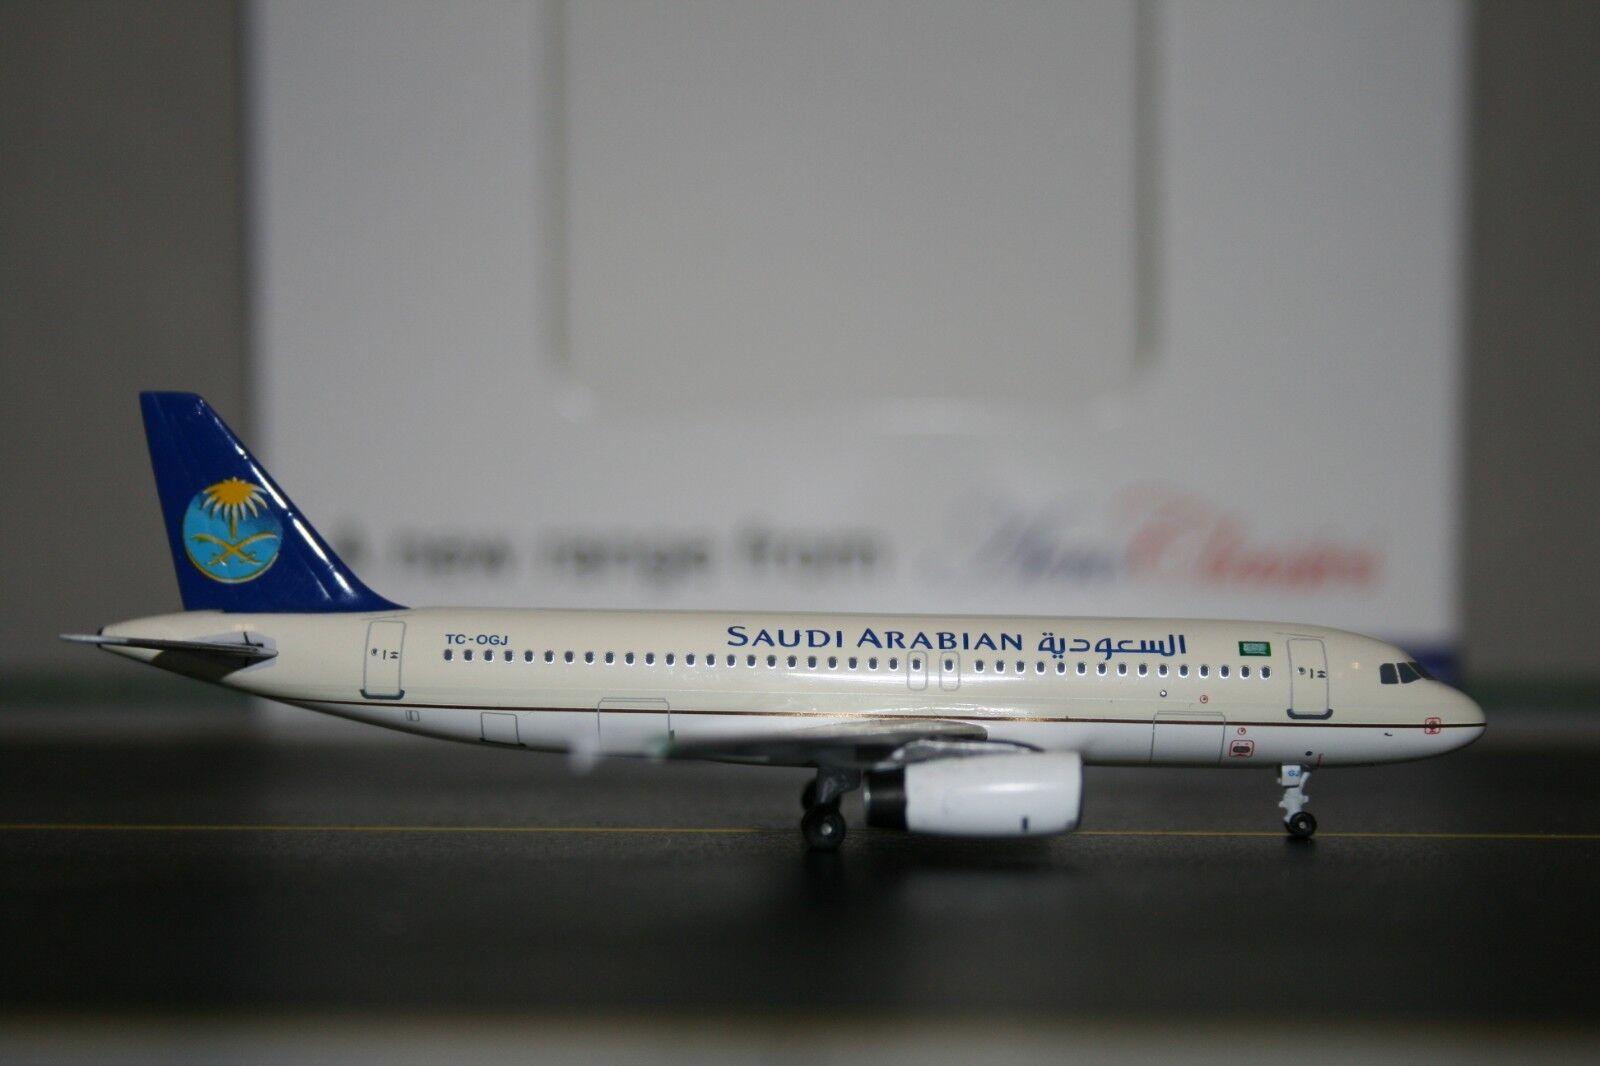 Aeroklassics 1 400 saudiarabisk flygbusss A320 -200 TC -OGJ (ACCOGJ) modelllllerlerl plan